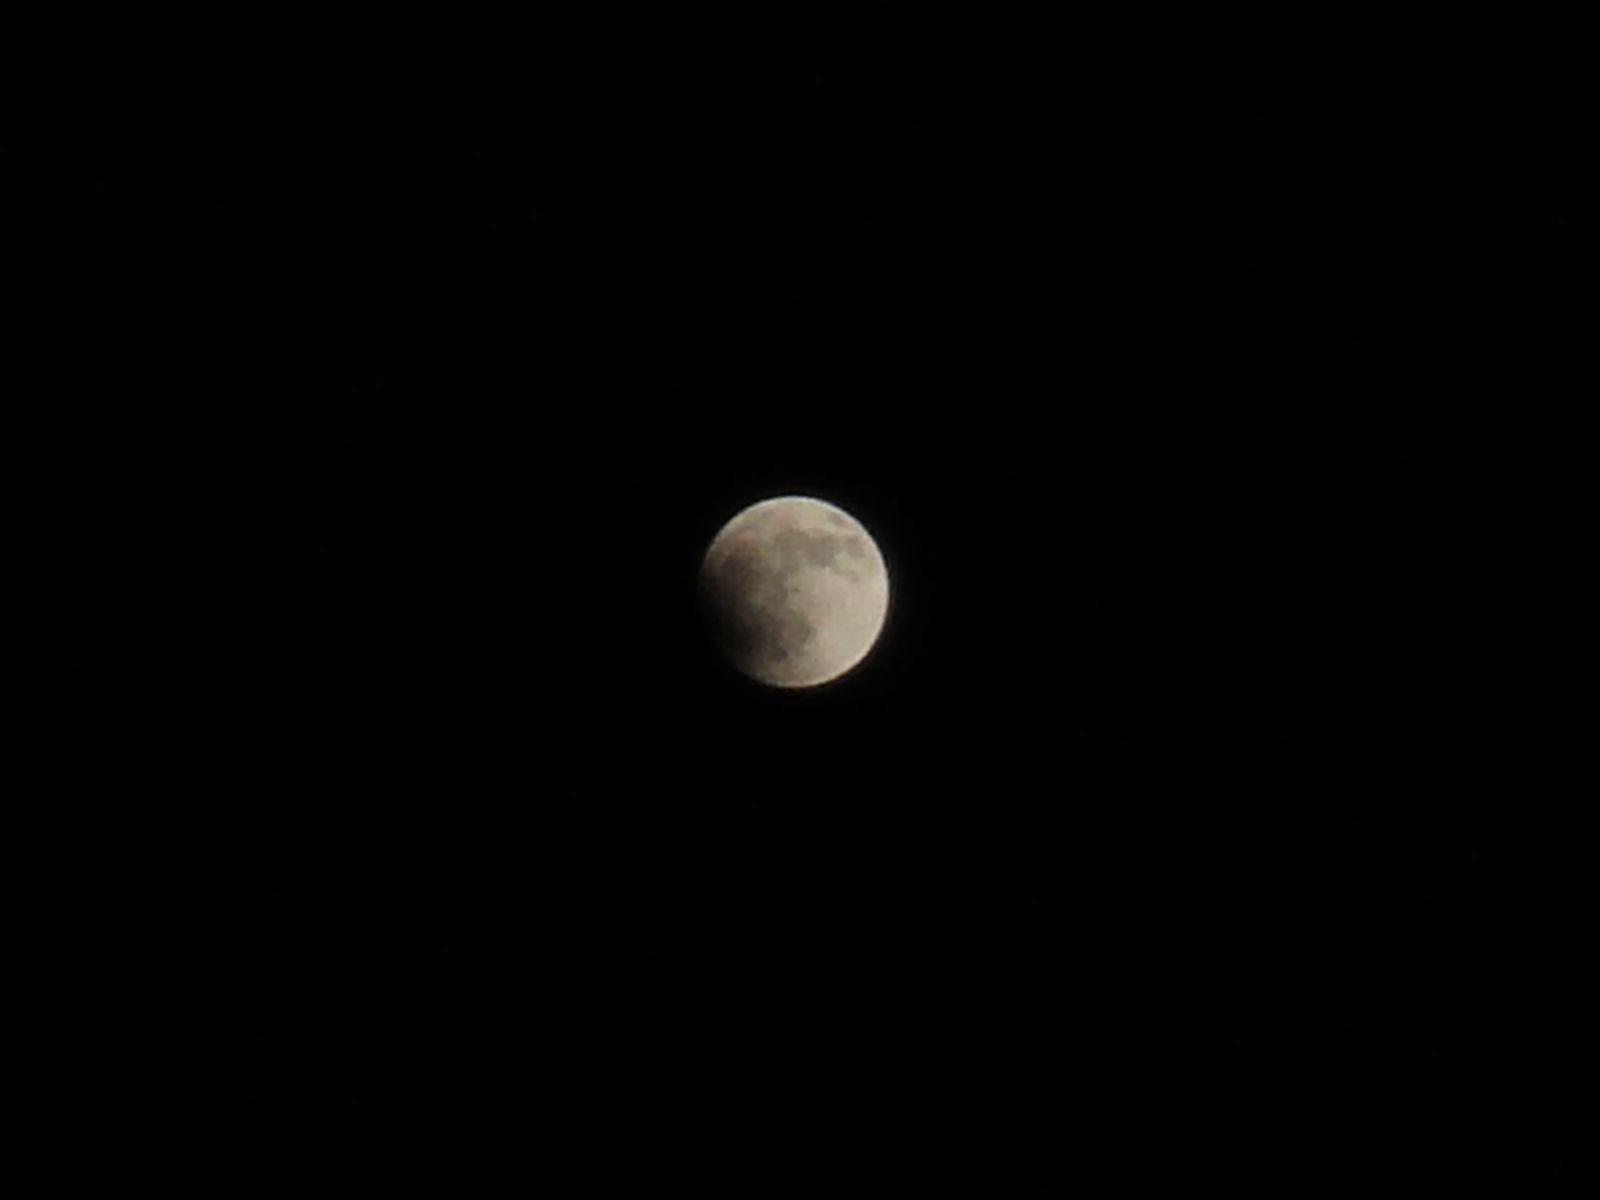 lunar_eclipse_012.jpg